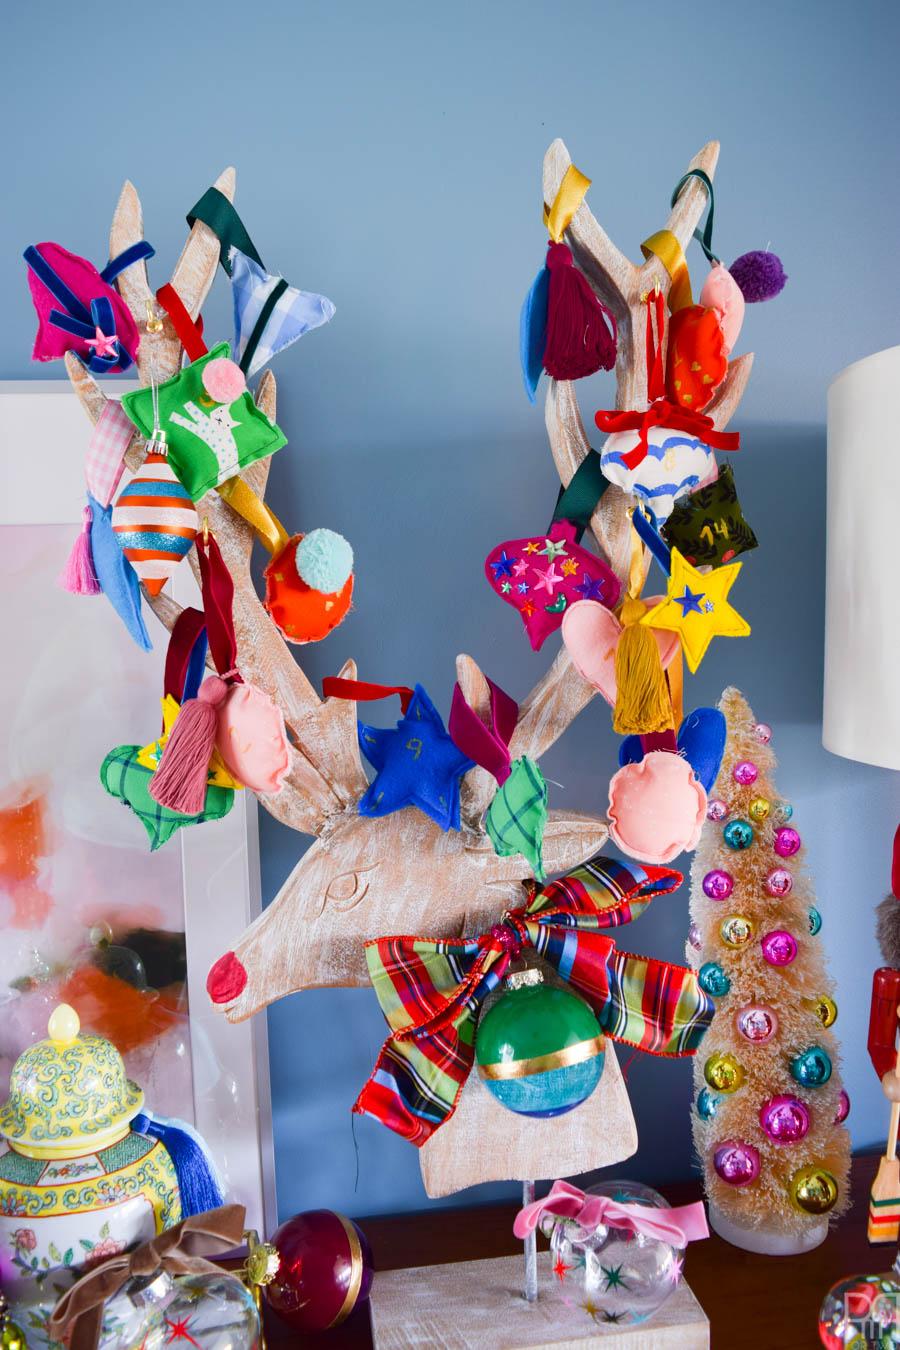 Christmas Advent Calendar with the Cricut Maker & Decoart Acrylics